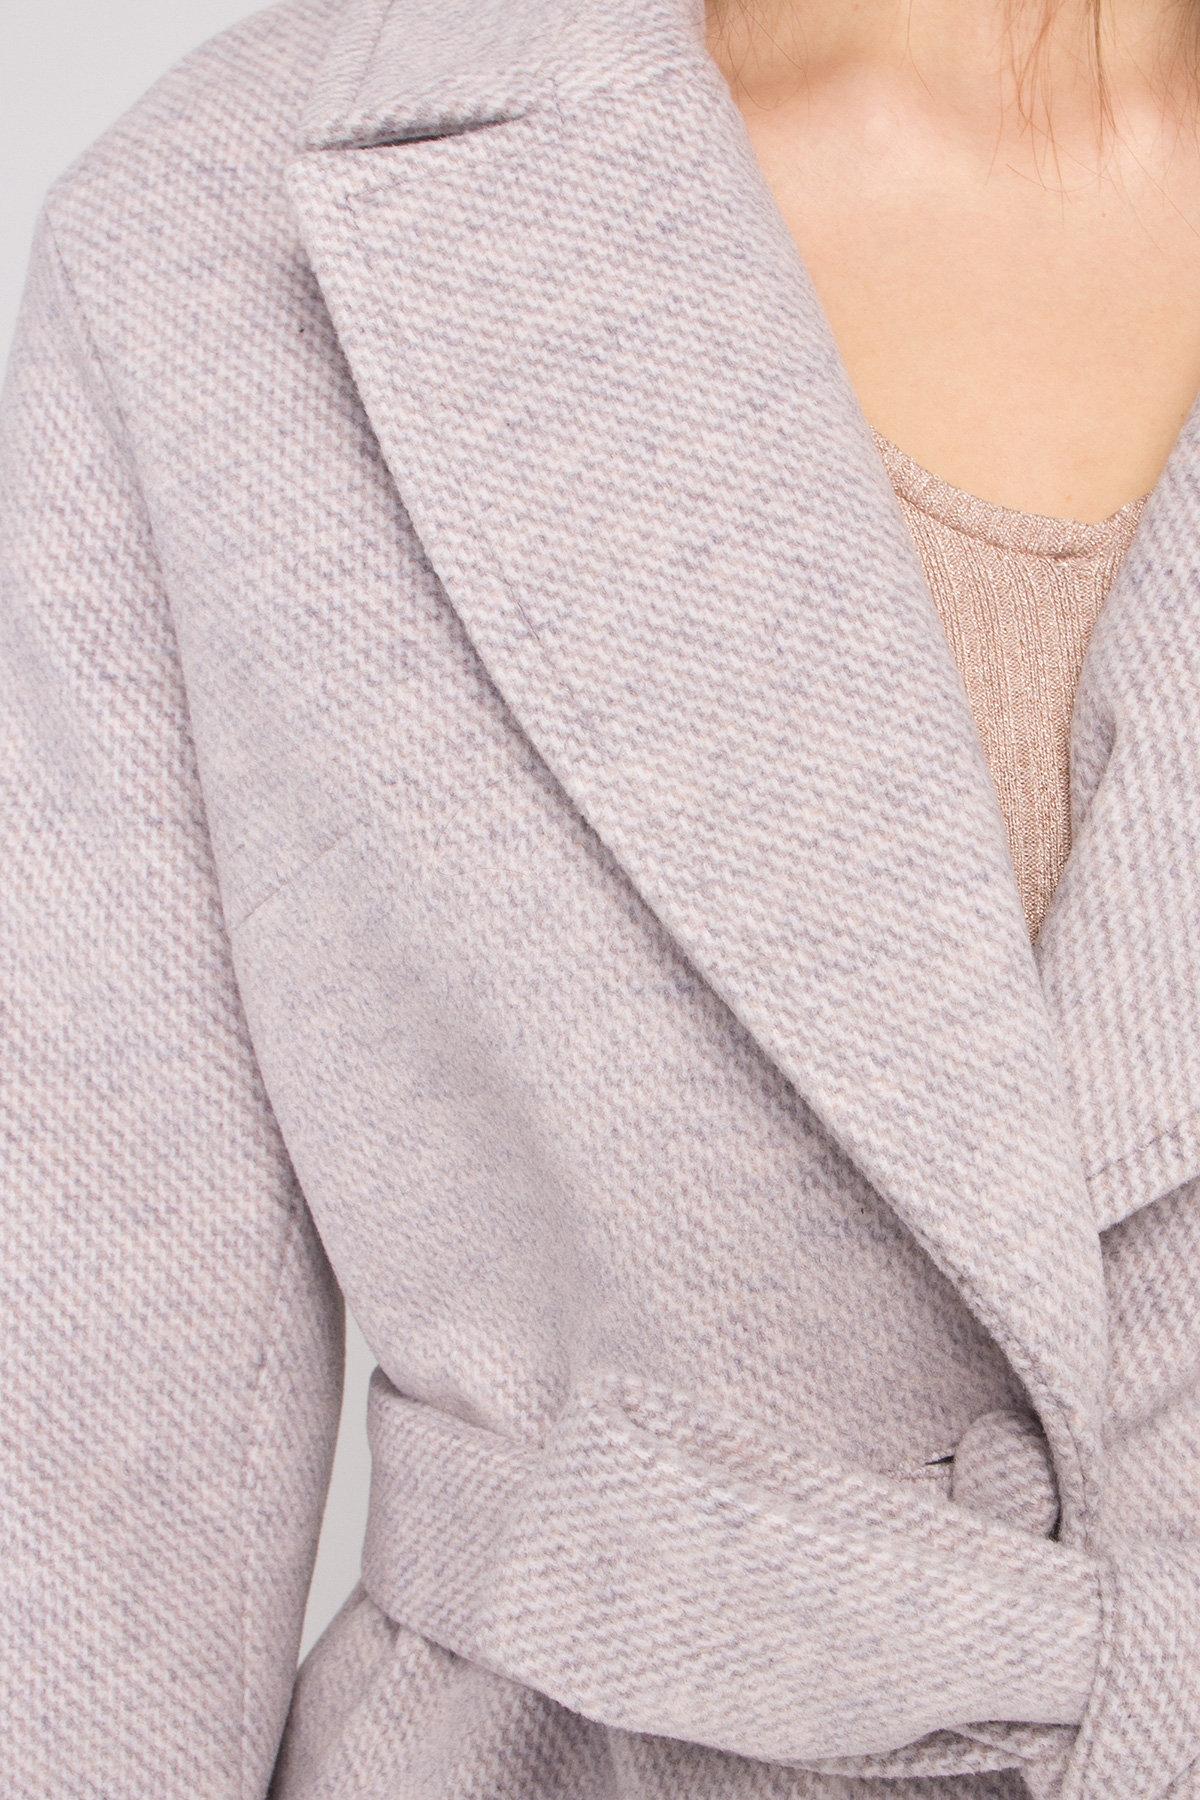 Кашемировое пальто Вейсона 8803 Цвет: Серо-бежевый 29